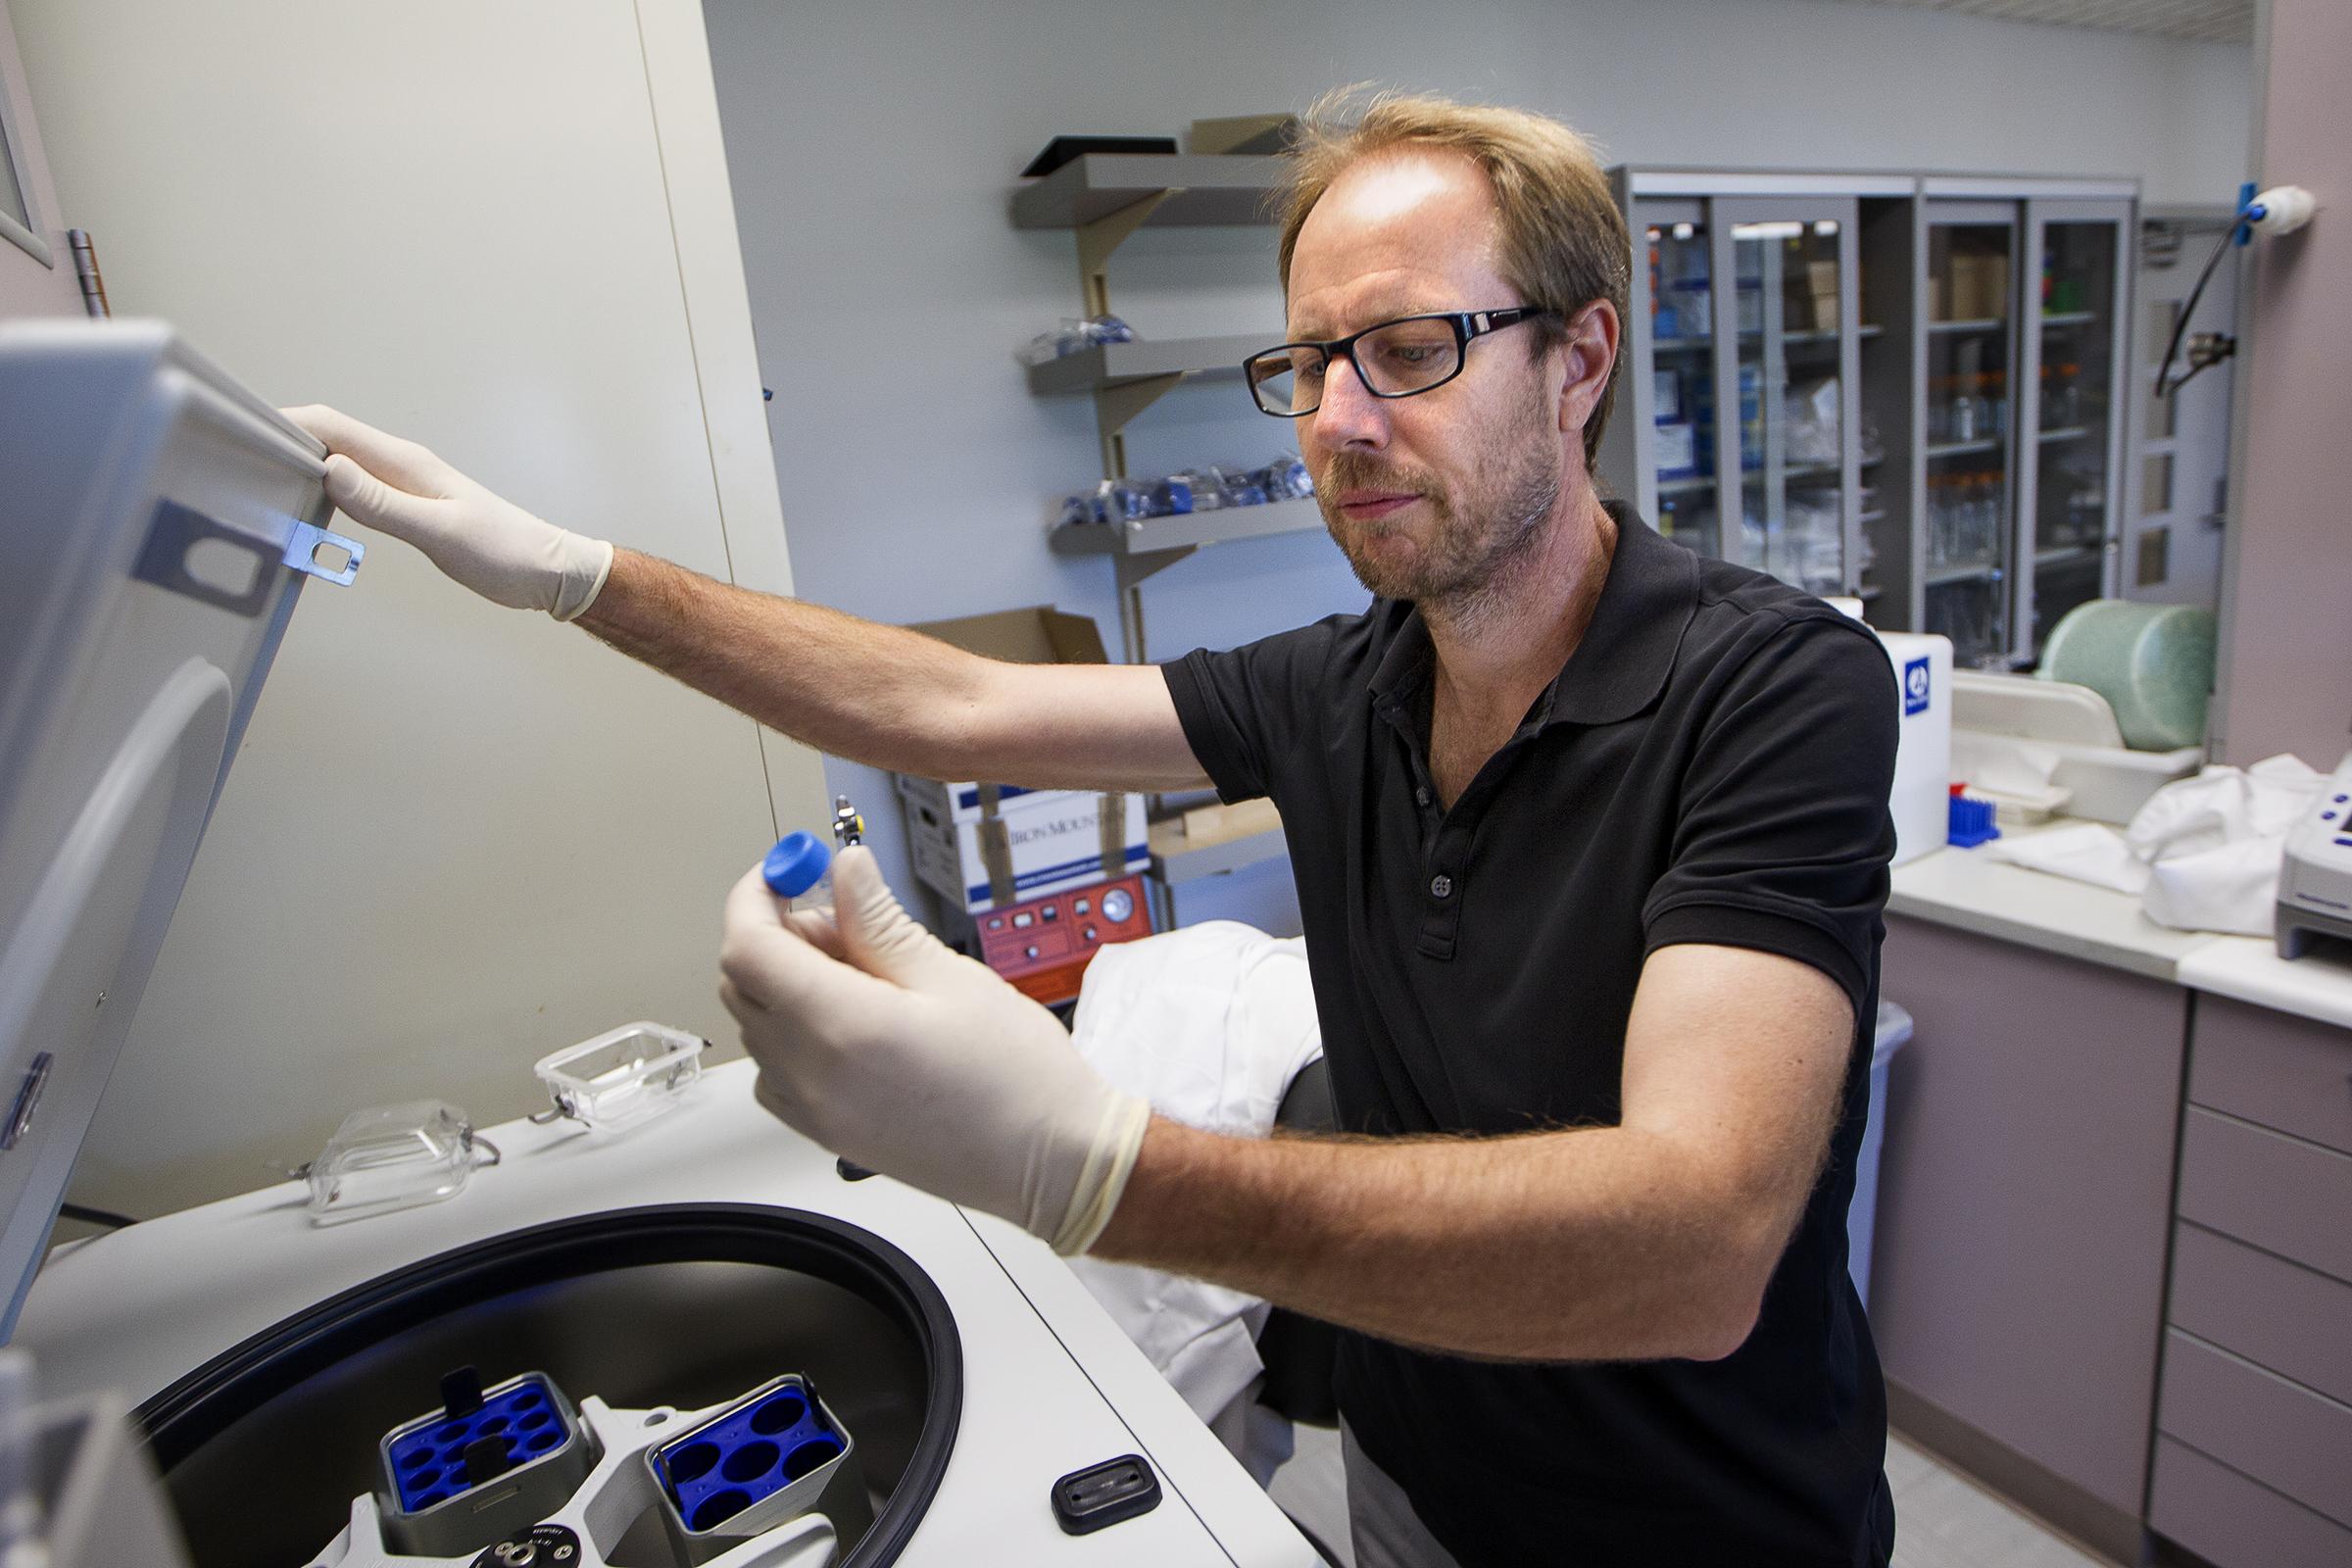 Tony Wyss-Coray, autor principal del estudio que descubrió que los niveles de proteínas en la sangre pueden predecir la edad de una persona. Foto: Norbert von der Groeben. Stanford Medicine.